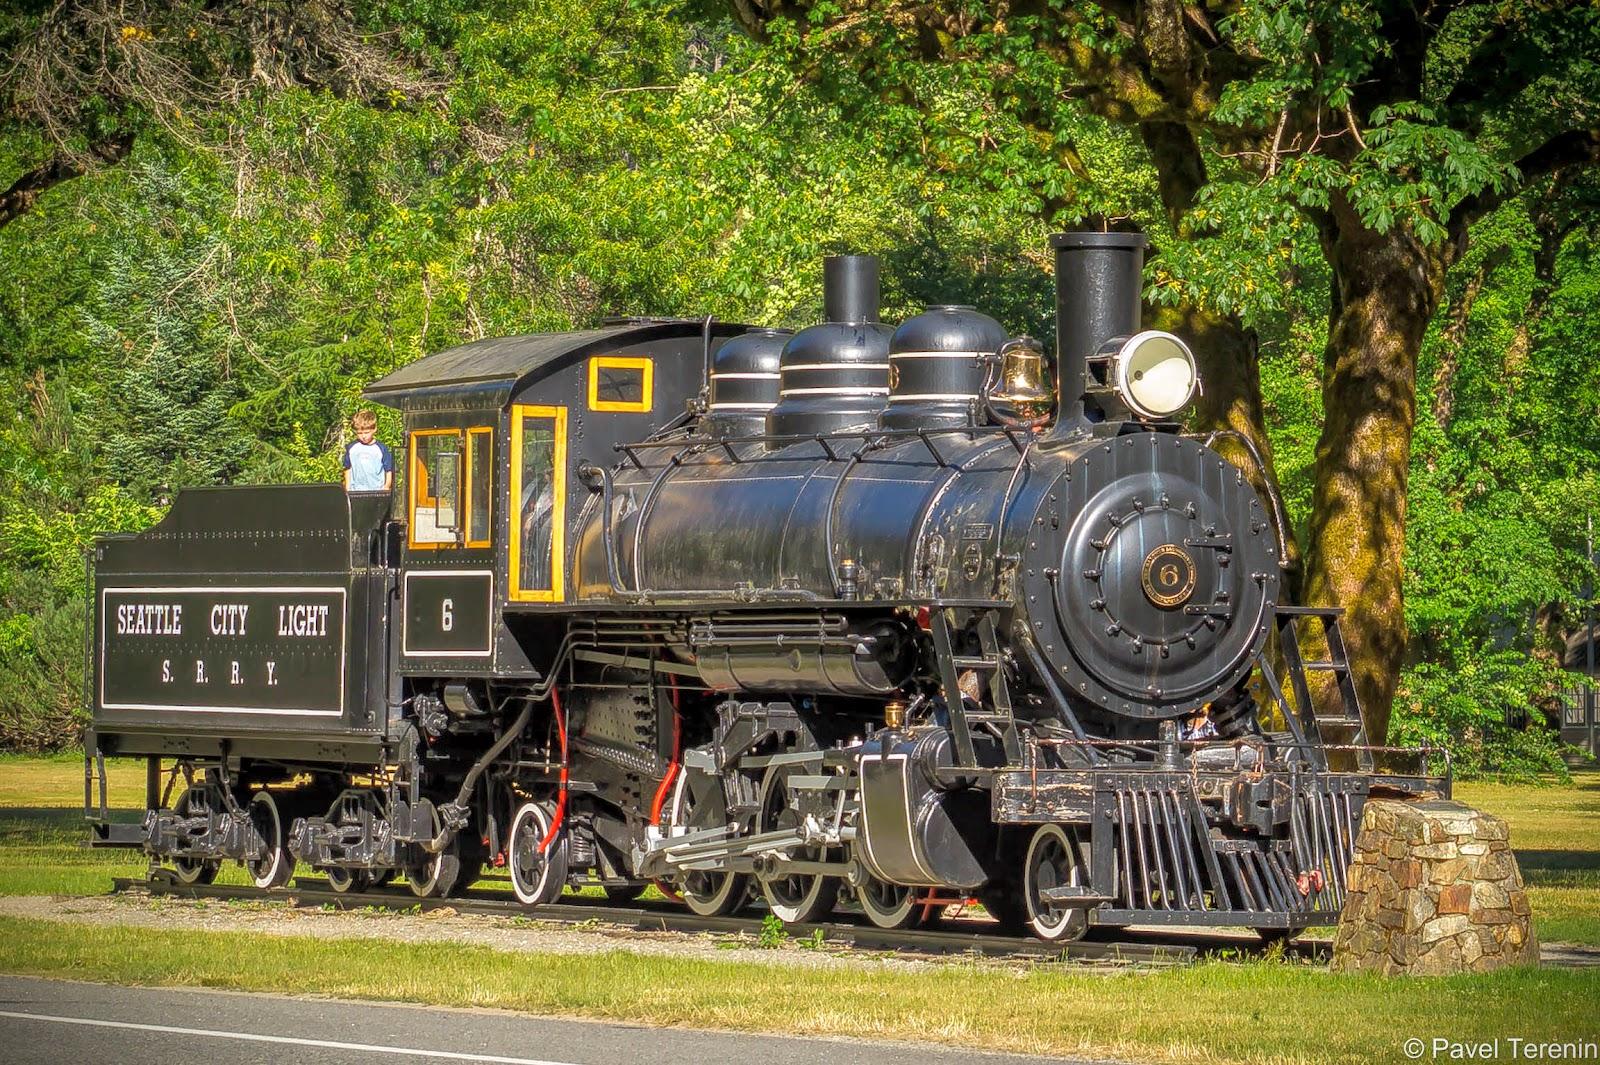 Городок Ньюхолем расположен сразу на выезде из Каскадных гор. Тут есть интересный памятник-локомотив.